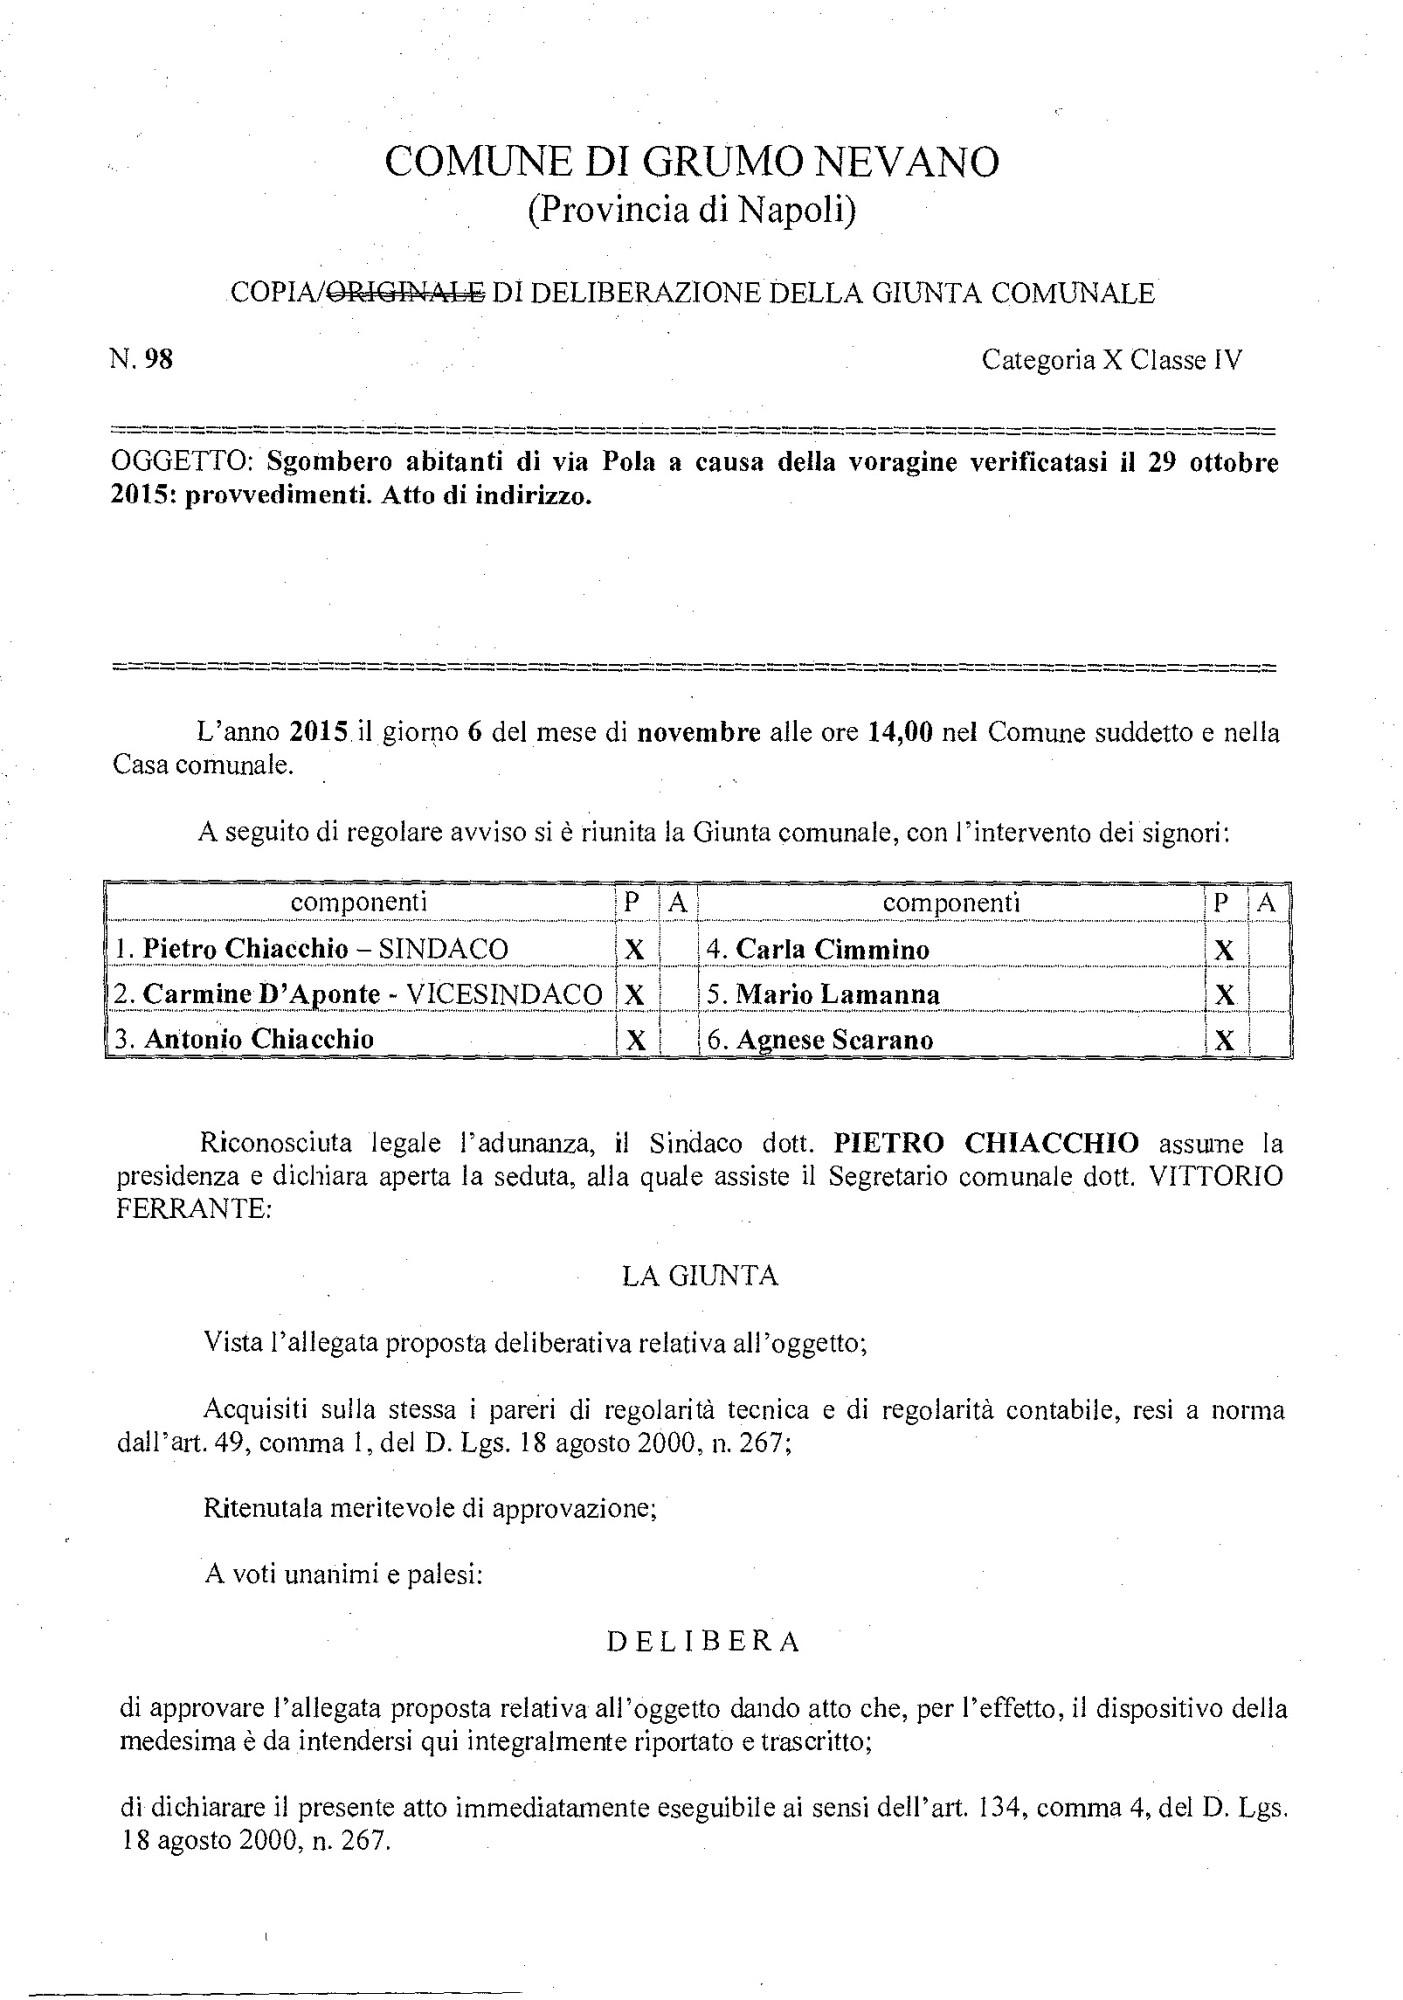 98_Sgombero_abitanti_di_via_Pola_a_causa_della_vor_Pagina_1_Immagine_0001